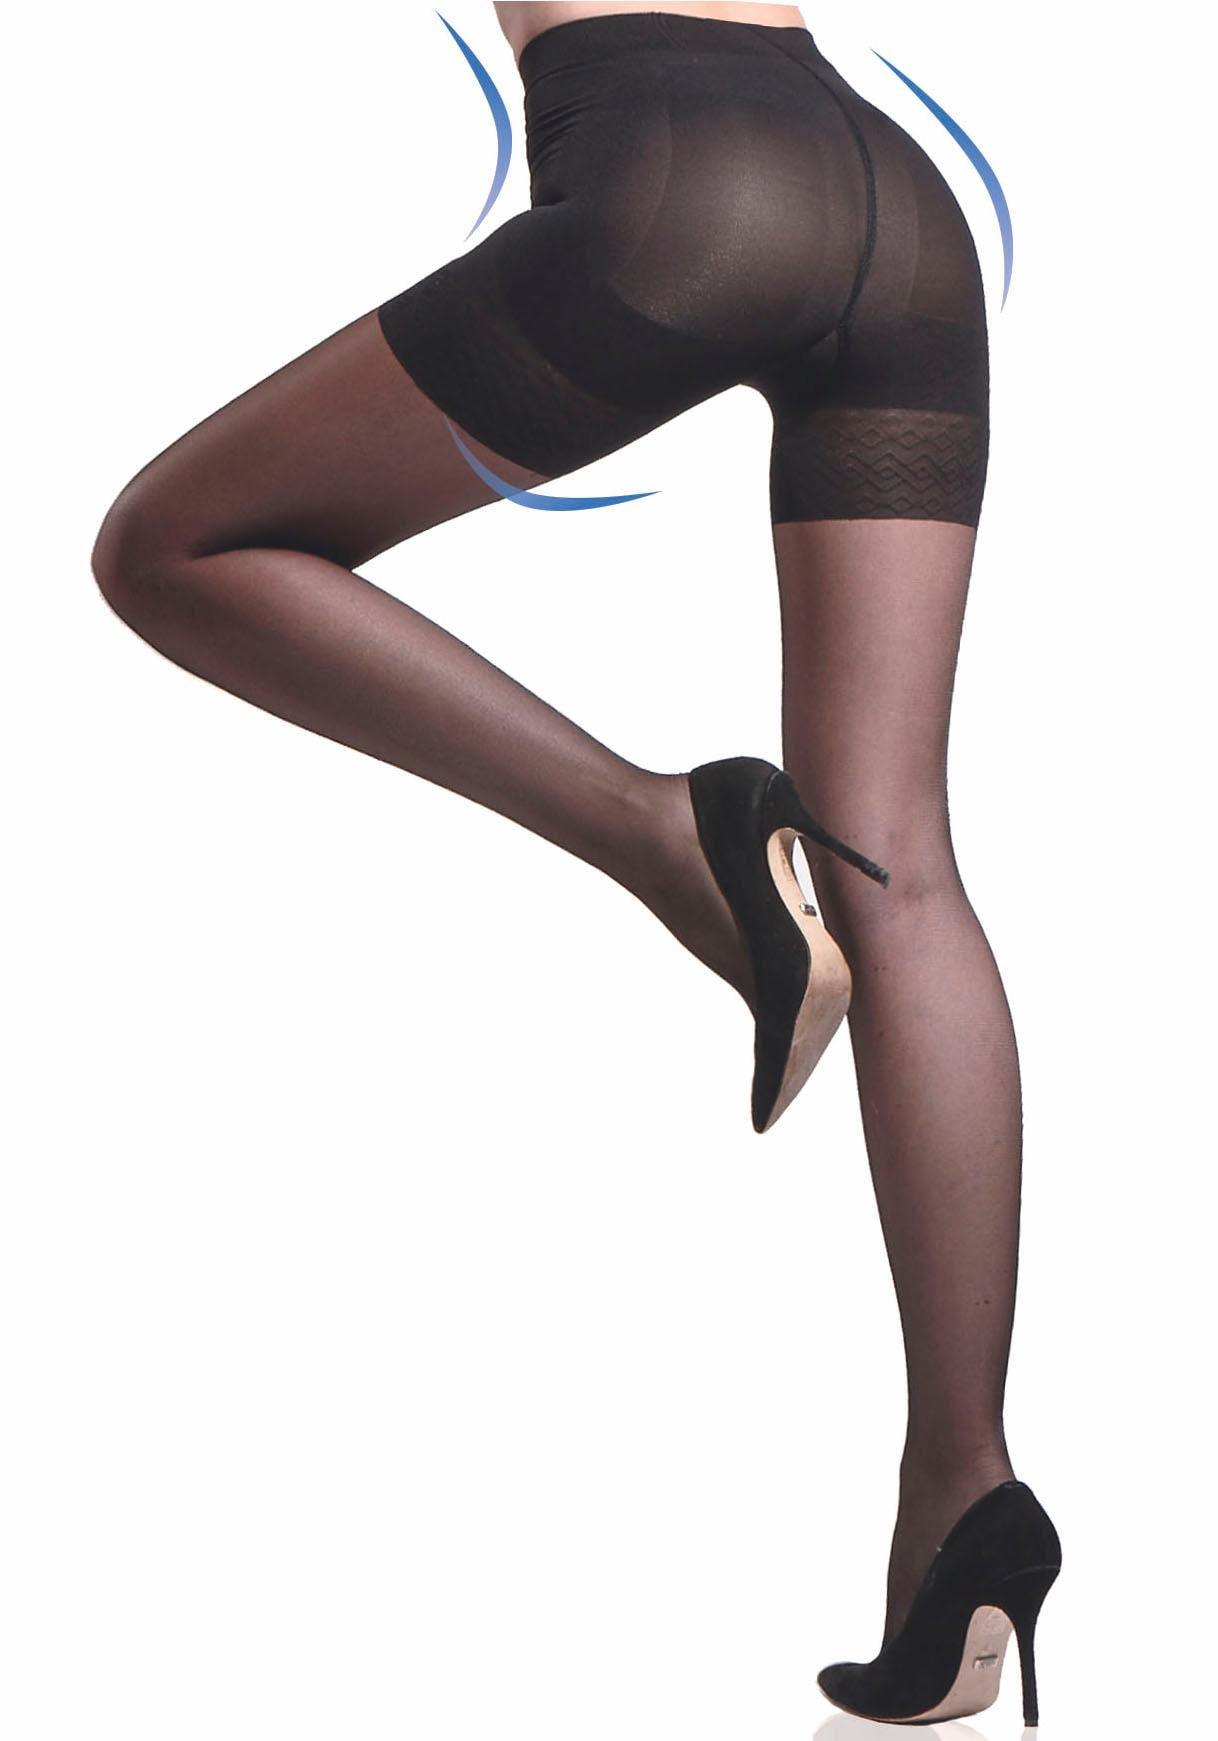 disée Stützstrumpfhose, 20 DEN, (Packung, 2 St.), mit dreifachem Shaping-Effekt schwarz Damen Stützstrumpfhosen Strumpfhosen Stützstrumpfhose